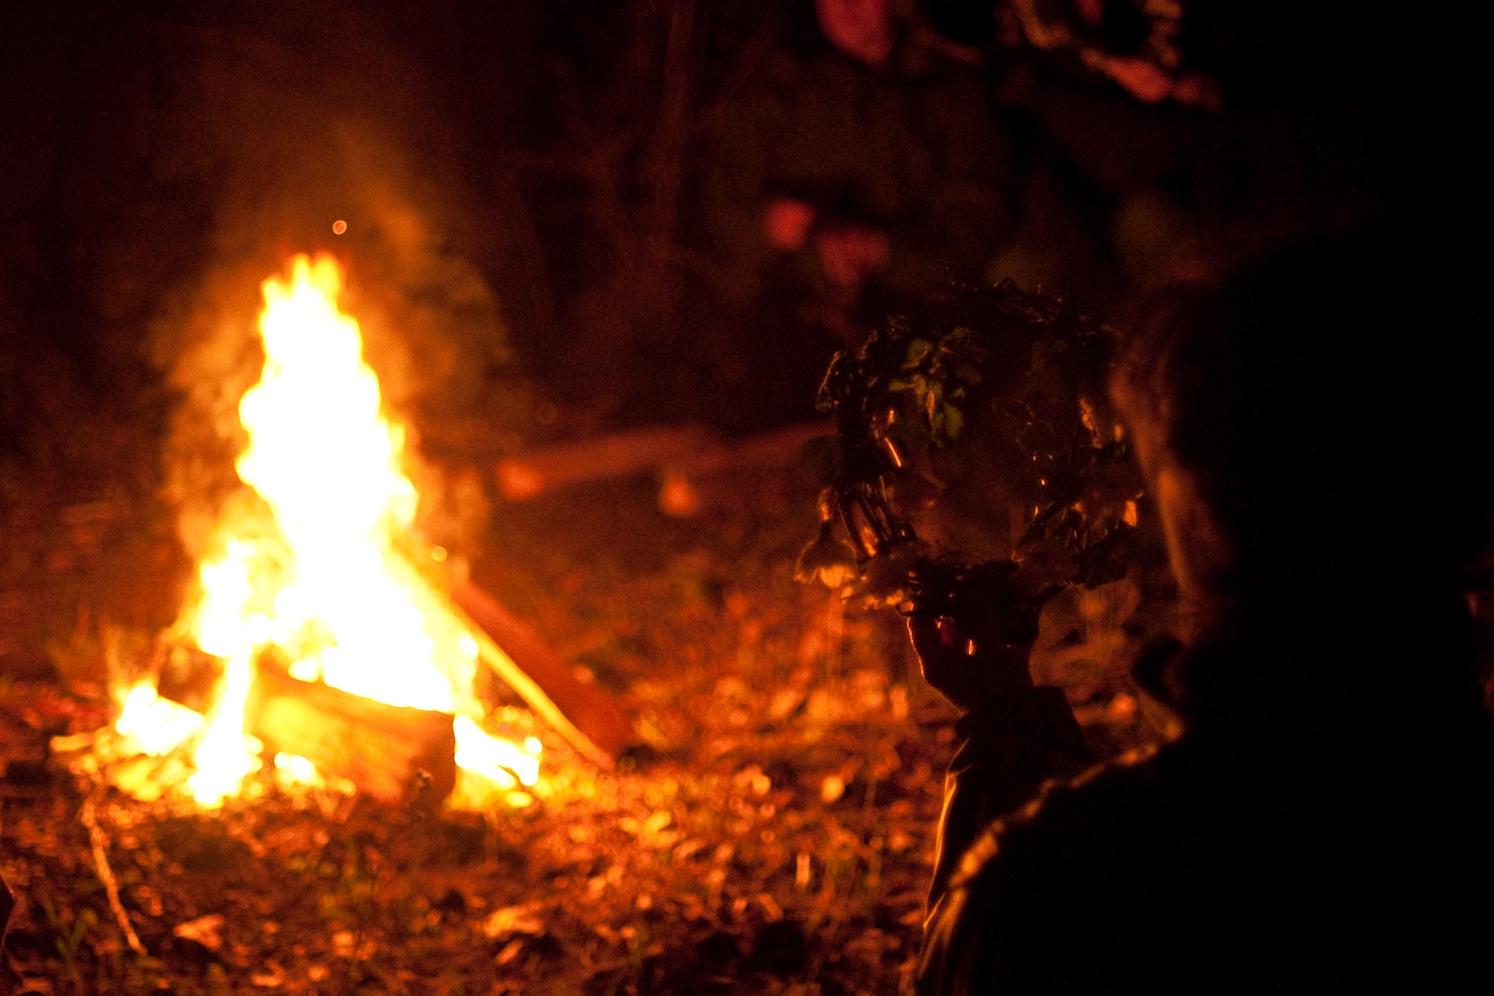 fire_02.jpg